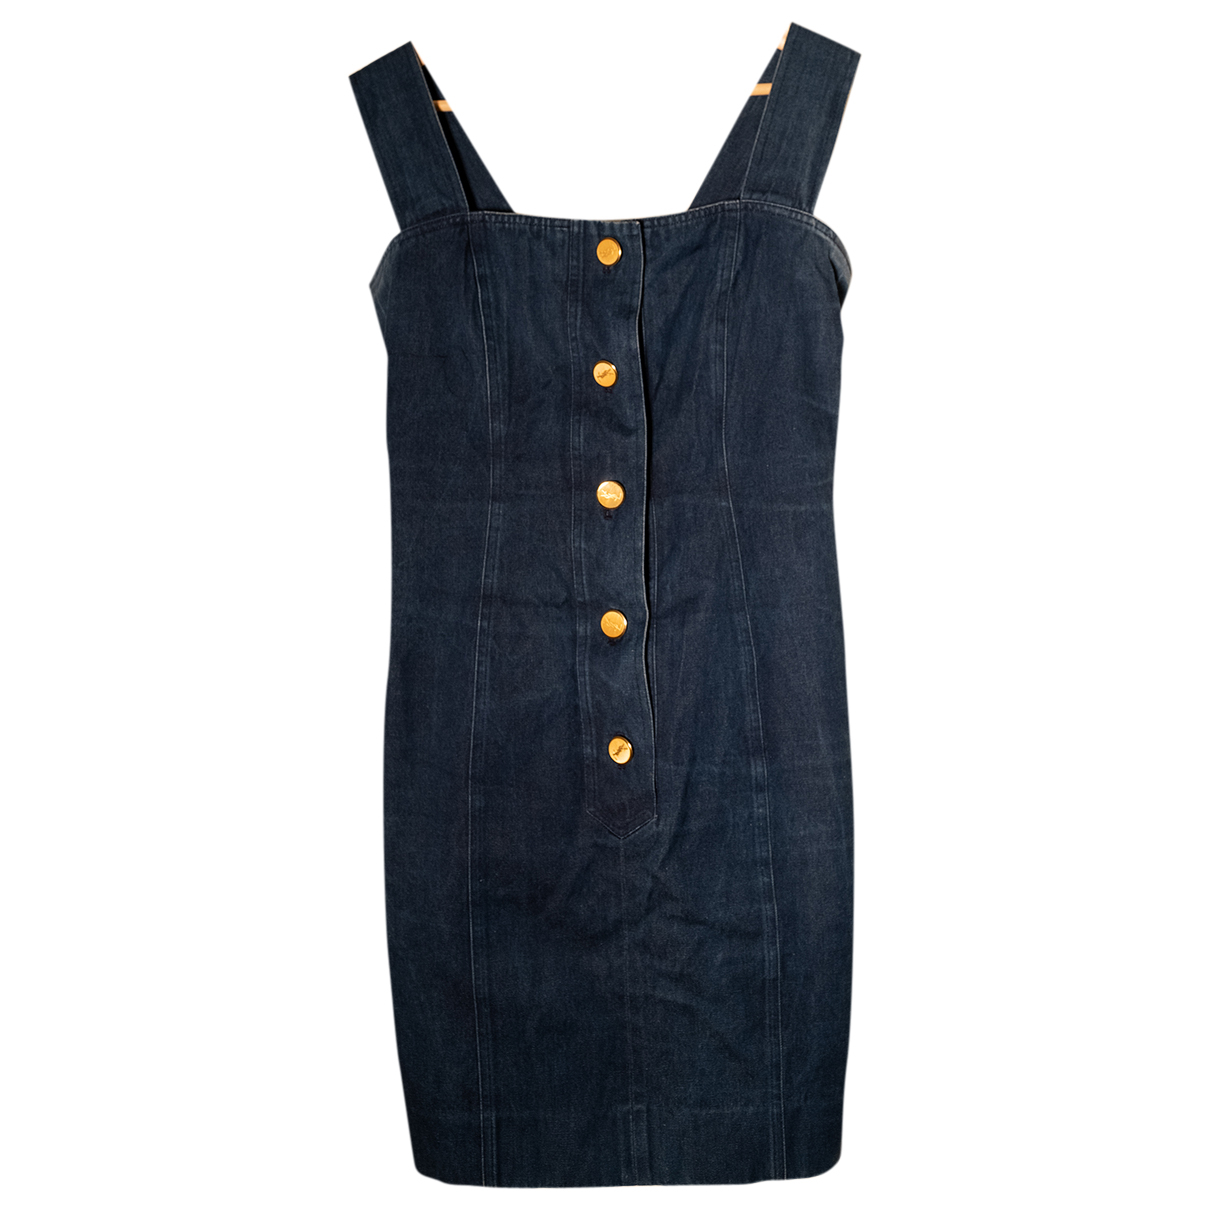 Yves Saint Laurent \N Kleid in  Blau Denim - Jeans